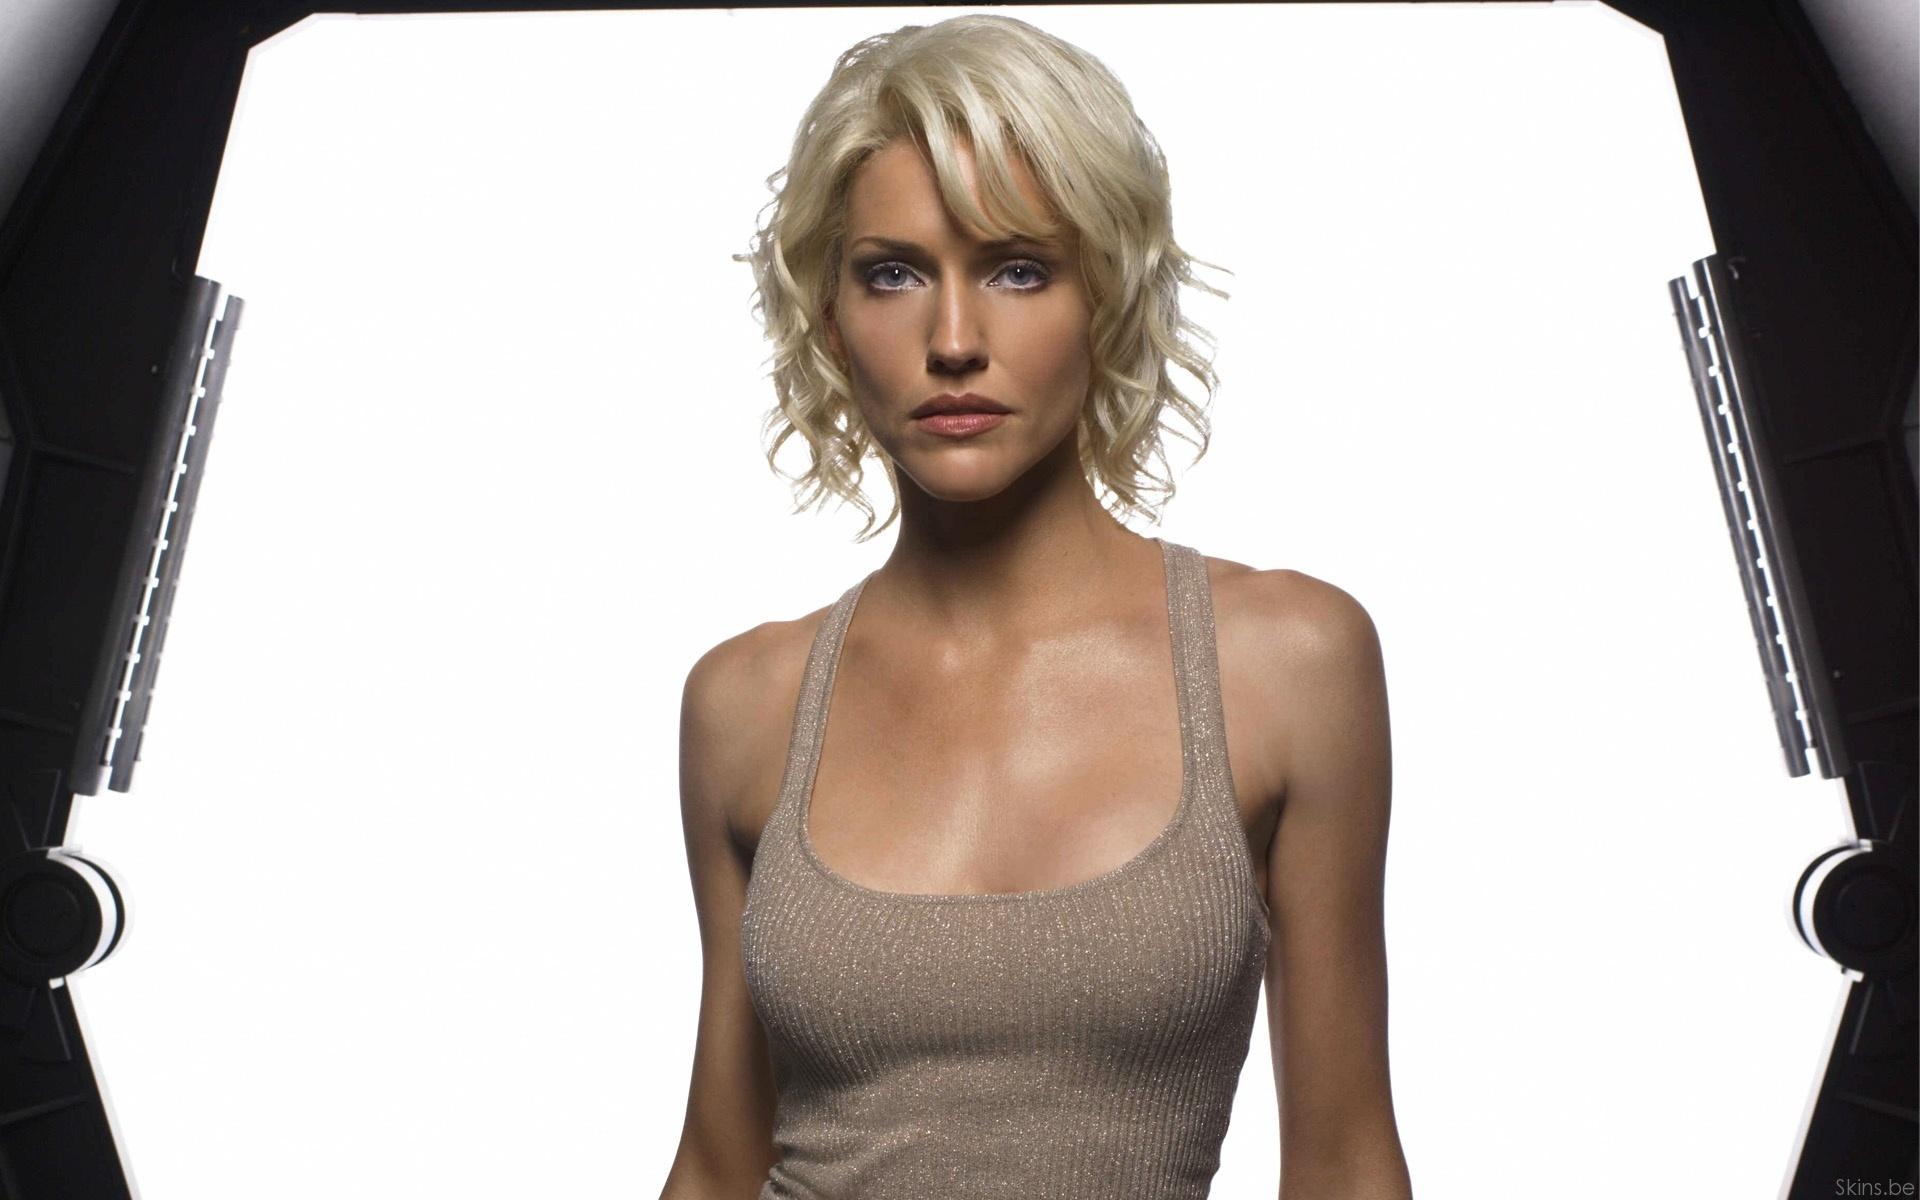 Tricia Helfer Battlestar Galactica Widescreen Wallpaper